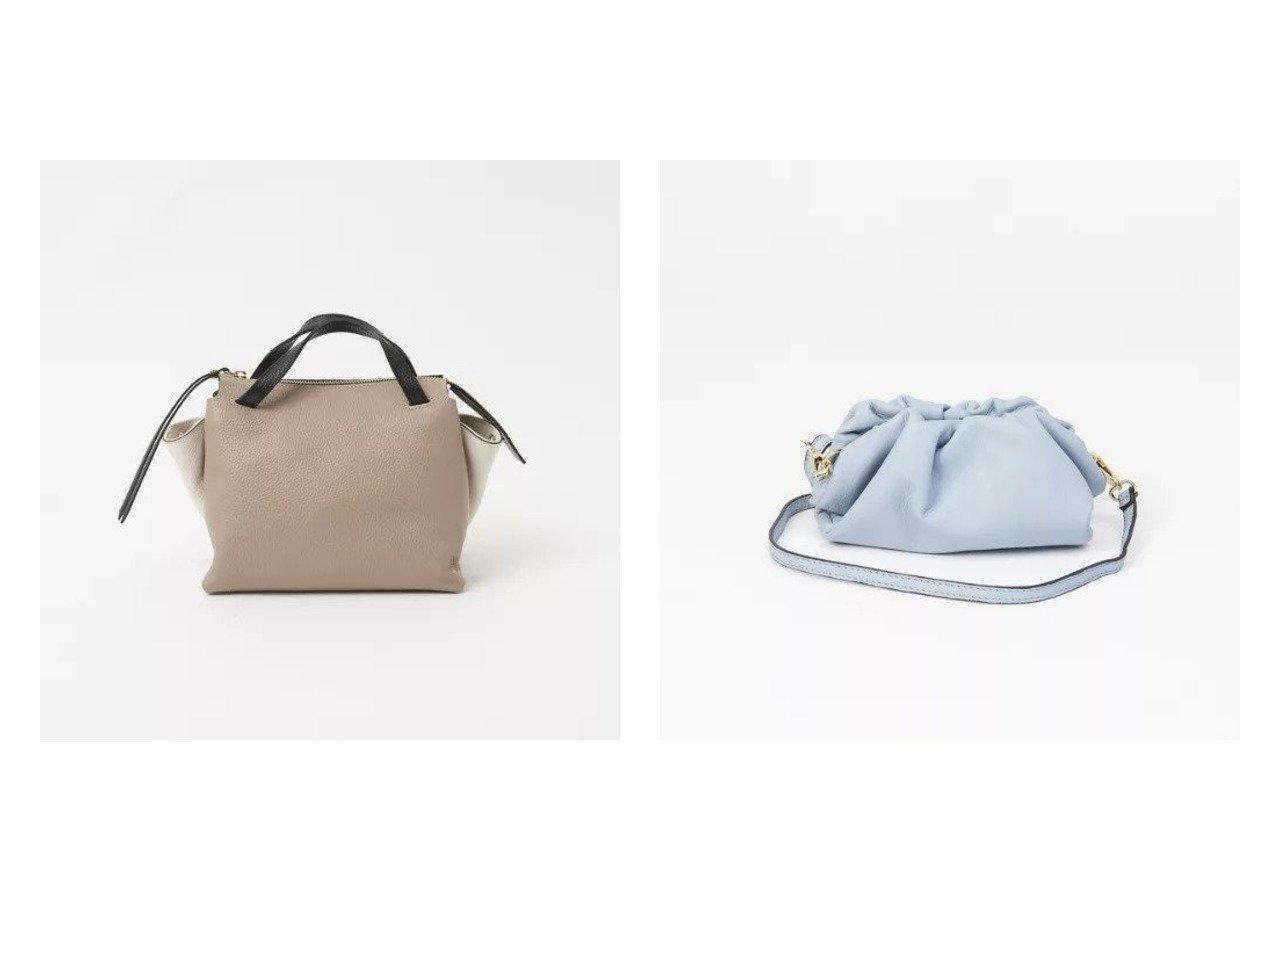 【qualite/カリテ】の【Maison Vinvent】2WAYソフトレザーバッグ&【GIANNI CHIARINI】ORIGAMI TRICO 2WAYバッグ 【バッグ・鞄】おすすめ!人気、トレンド・レディースファッションの通販 おすすめで人気の流行・トレンド、ファッションの通販商品 メンズファッション・キッズファッション・インテリア・家具・レディースファッション・服の通販 founy(ファニー) https://founy.com/ ファッション Fashion レディースファッション WOMEN バッグ Bag イタリア クラシック コンパクト トレンド パーティ ポーチ ラップ スタッズ ハンドバッグ ベーシック 人気 軽量 |ID:crp329100000029225